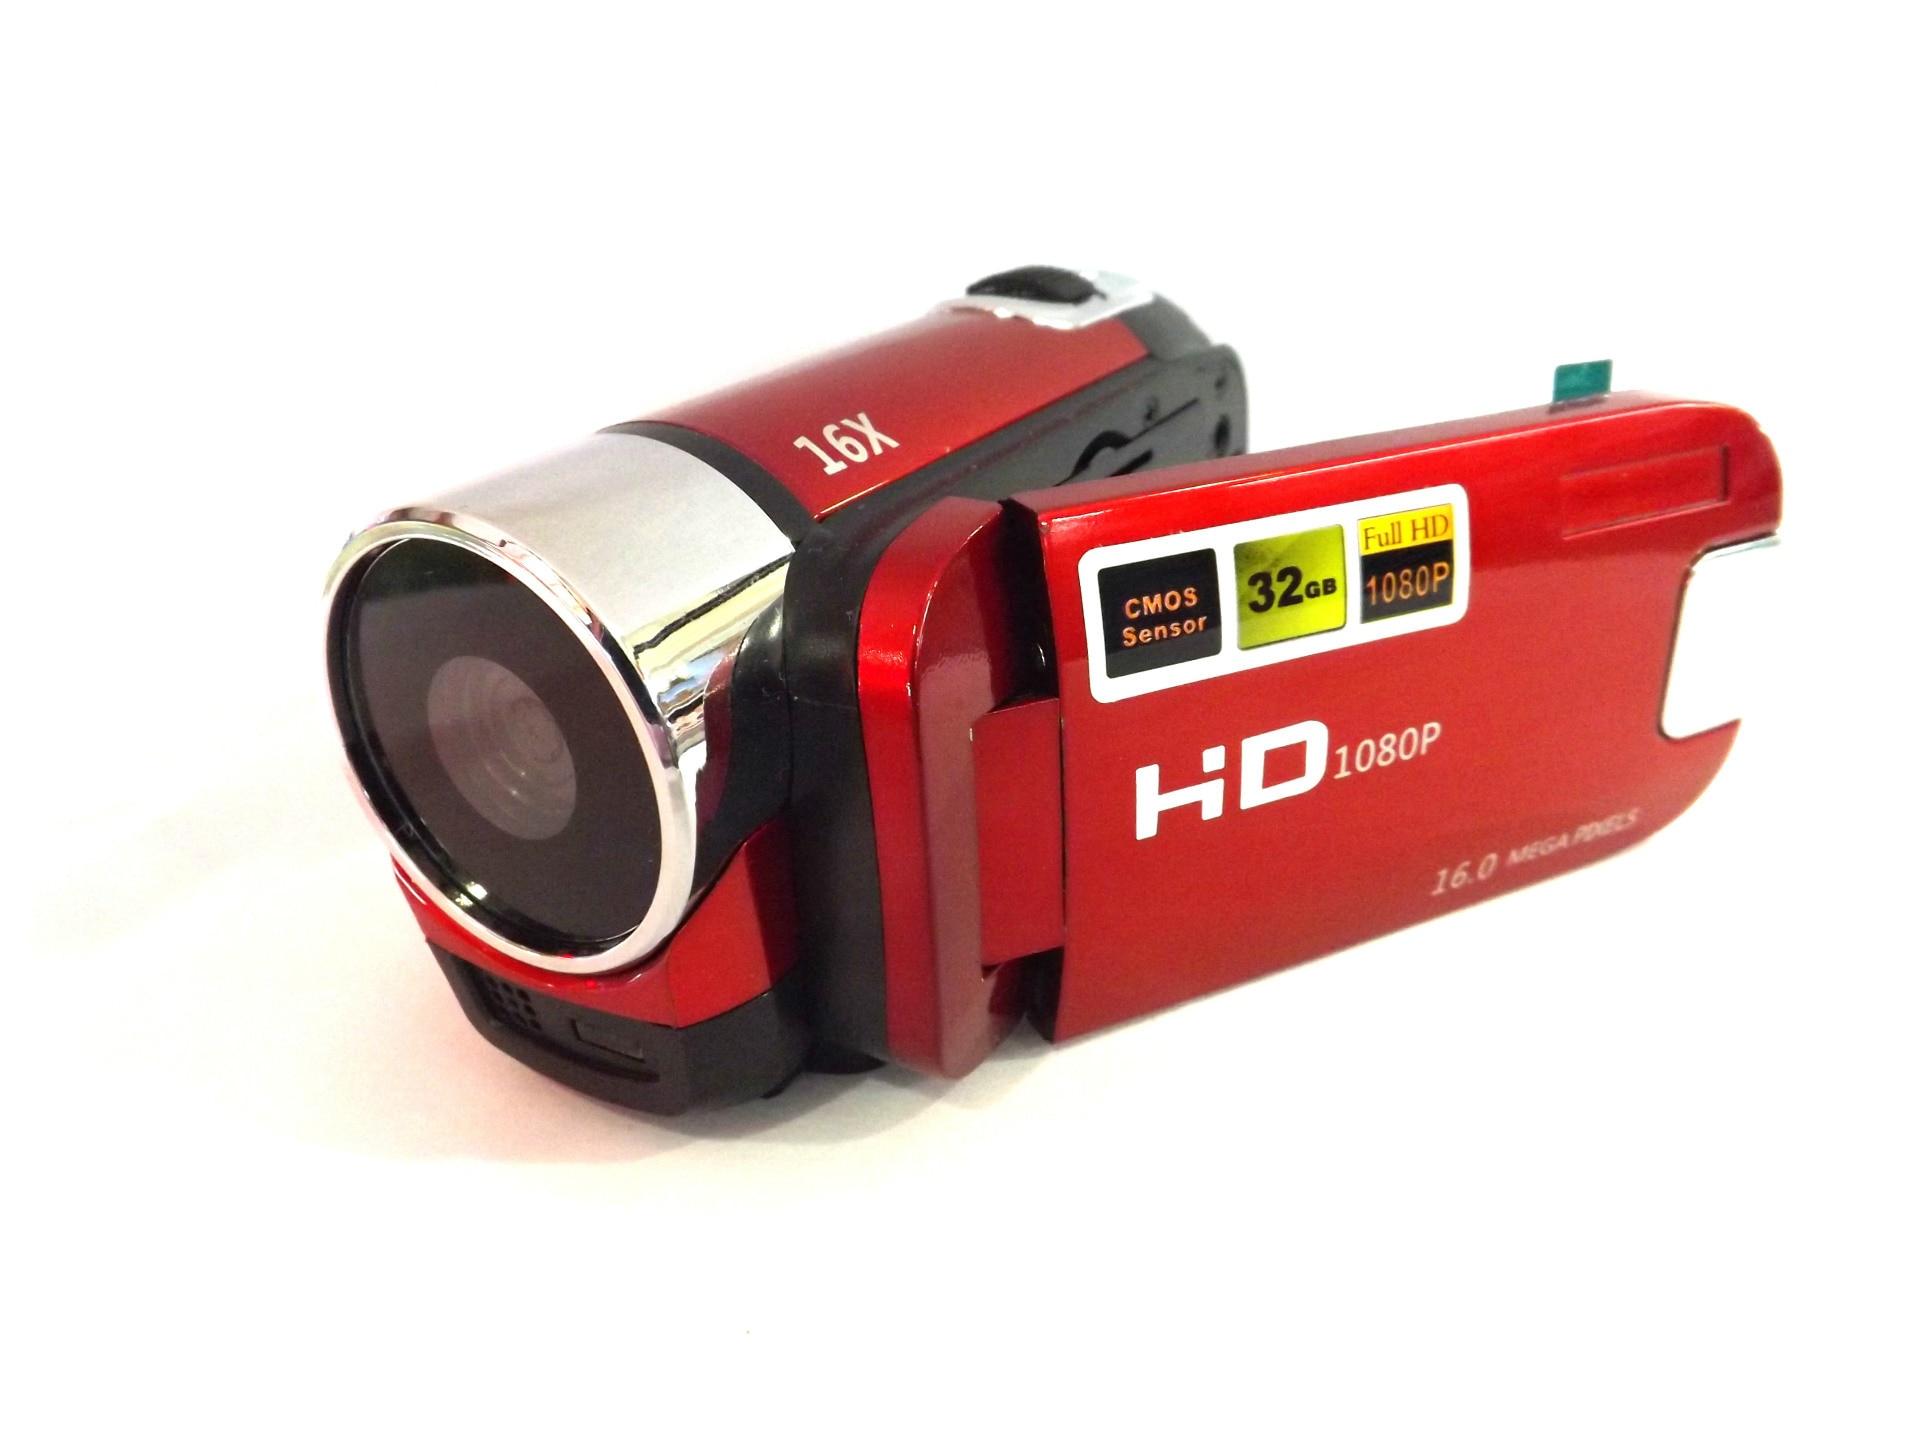 Camera 1080P KaRue States